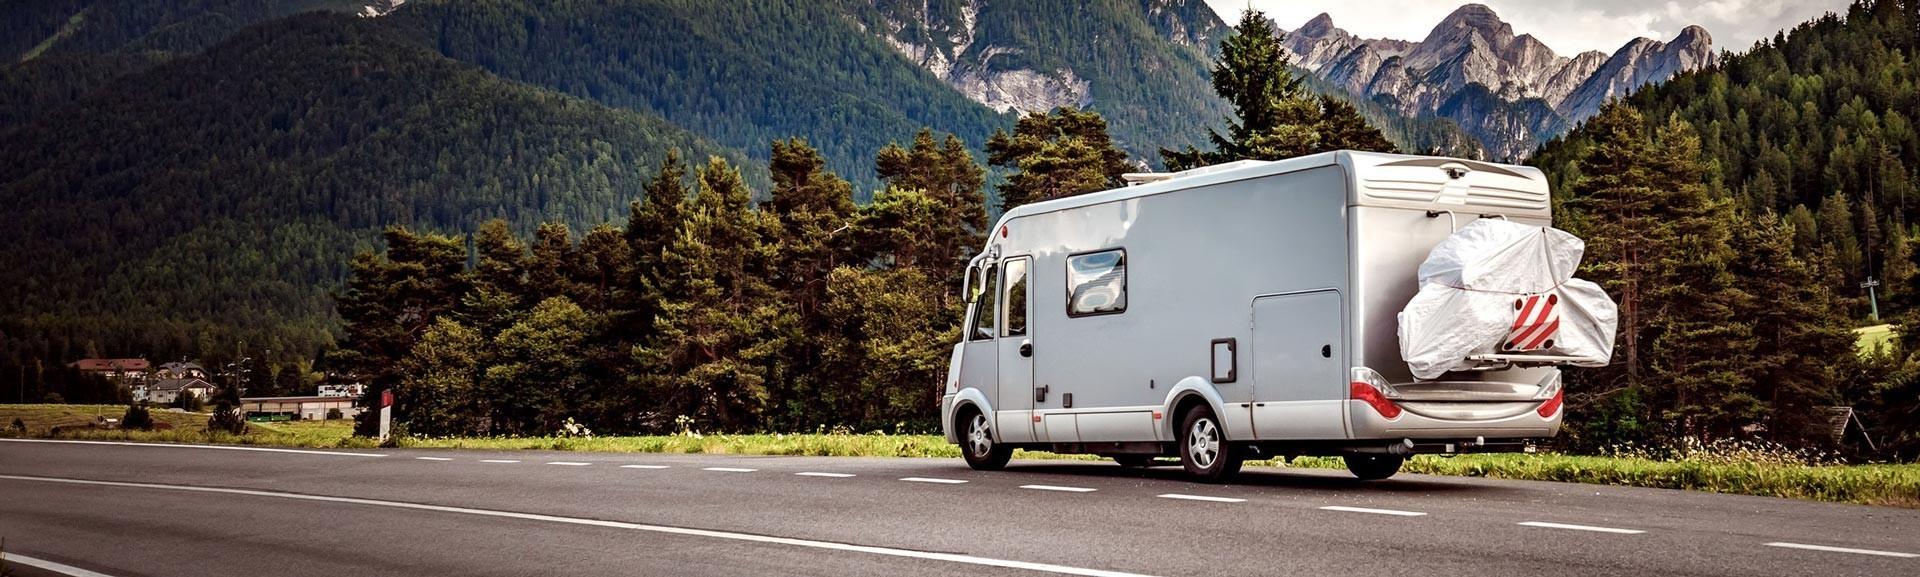 Caravanstore XL 280 - 550 (Ver 2018)